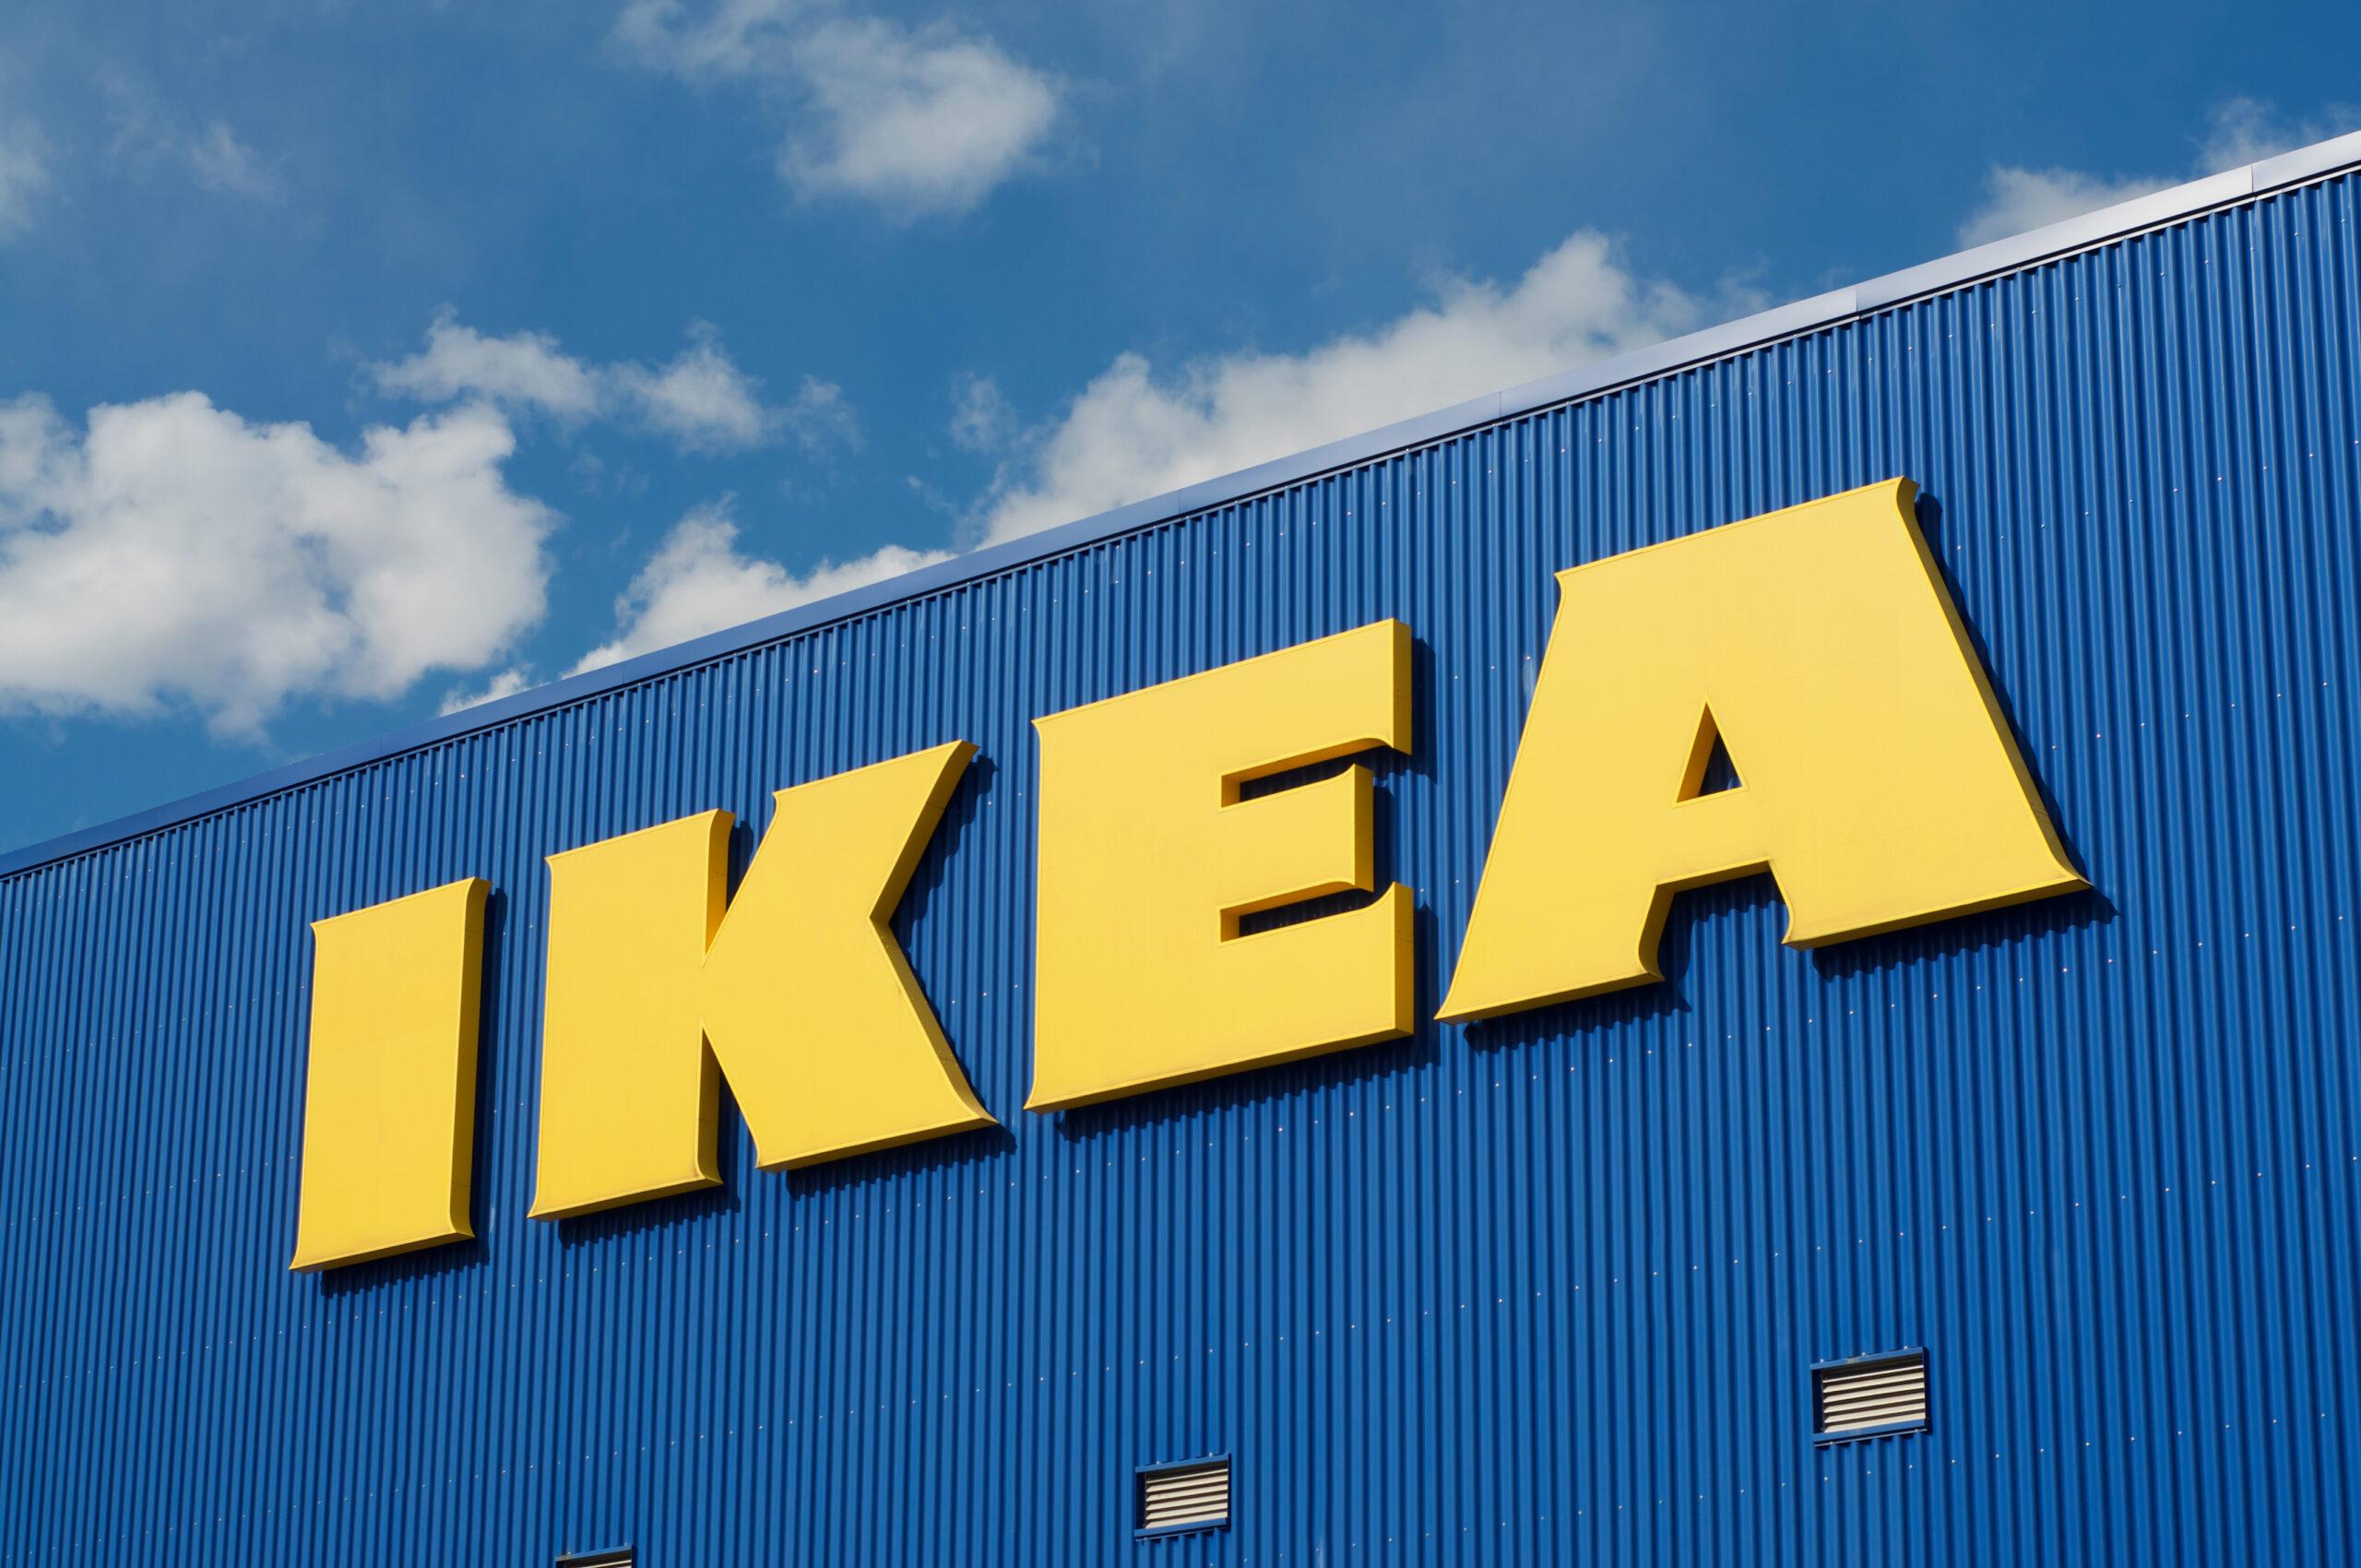 La república independiente de IKEA